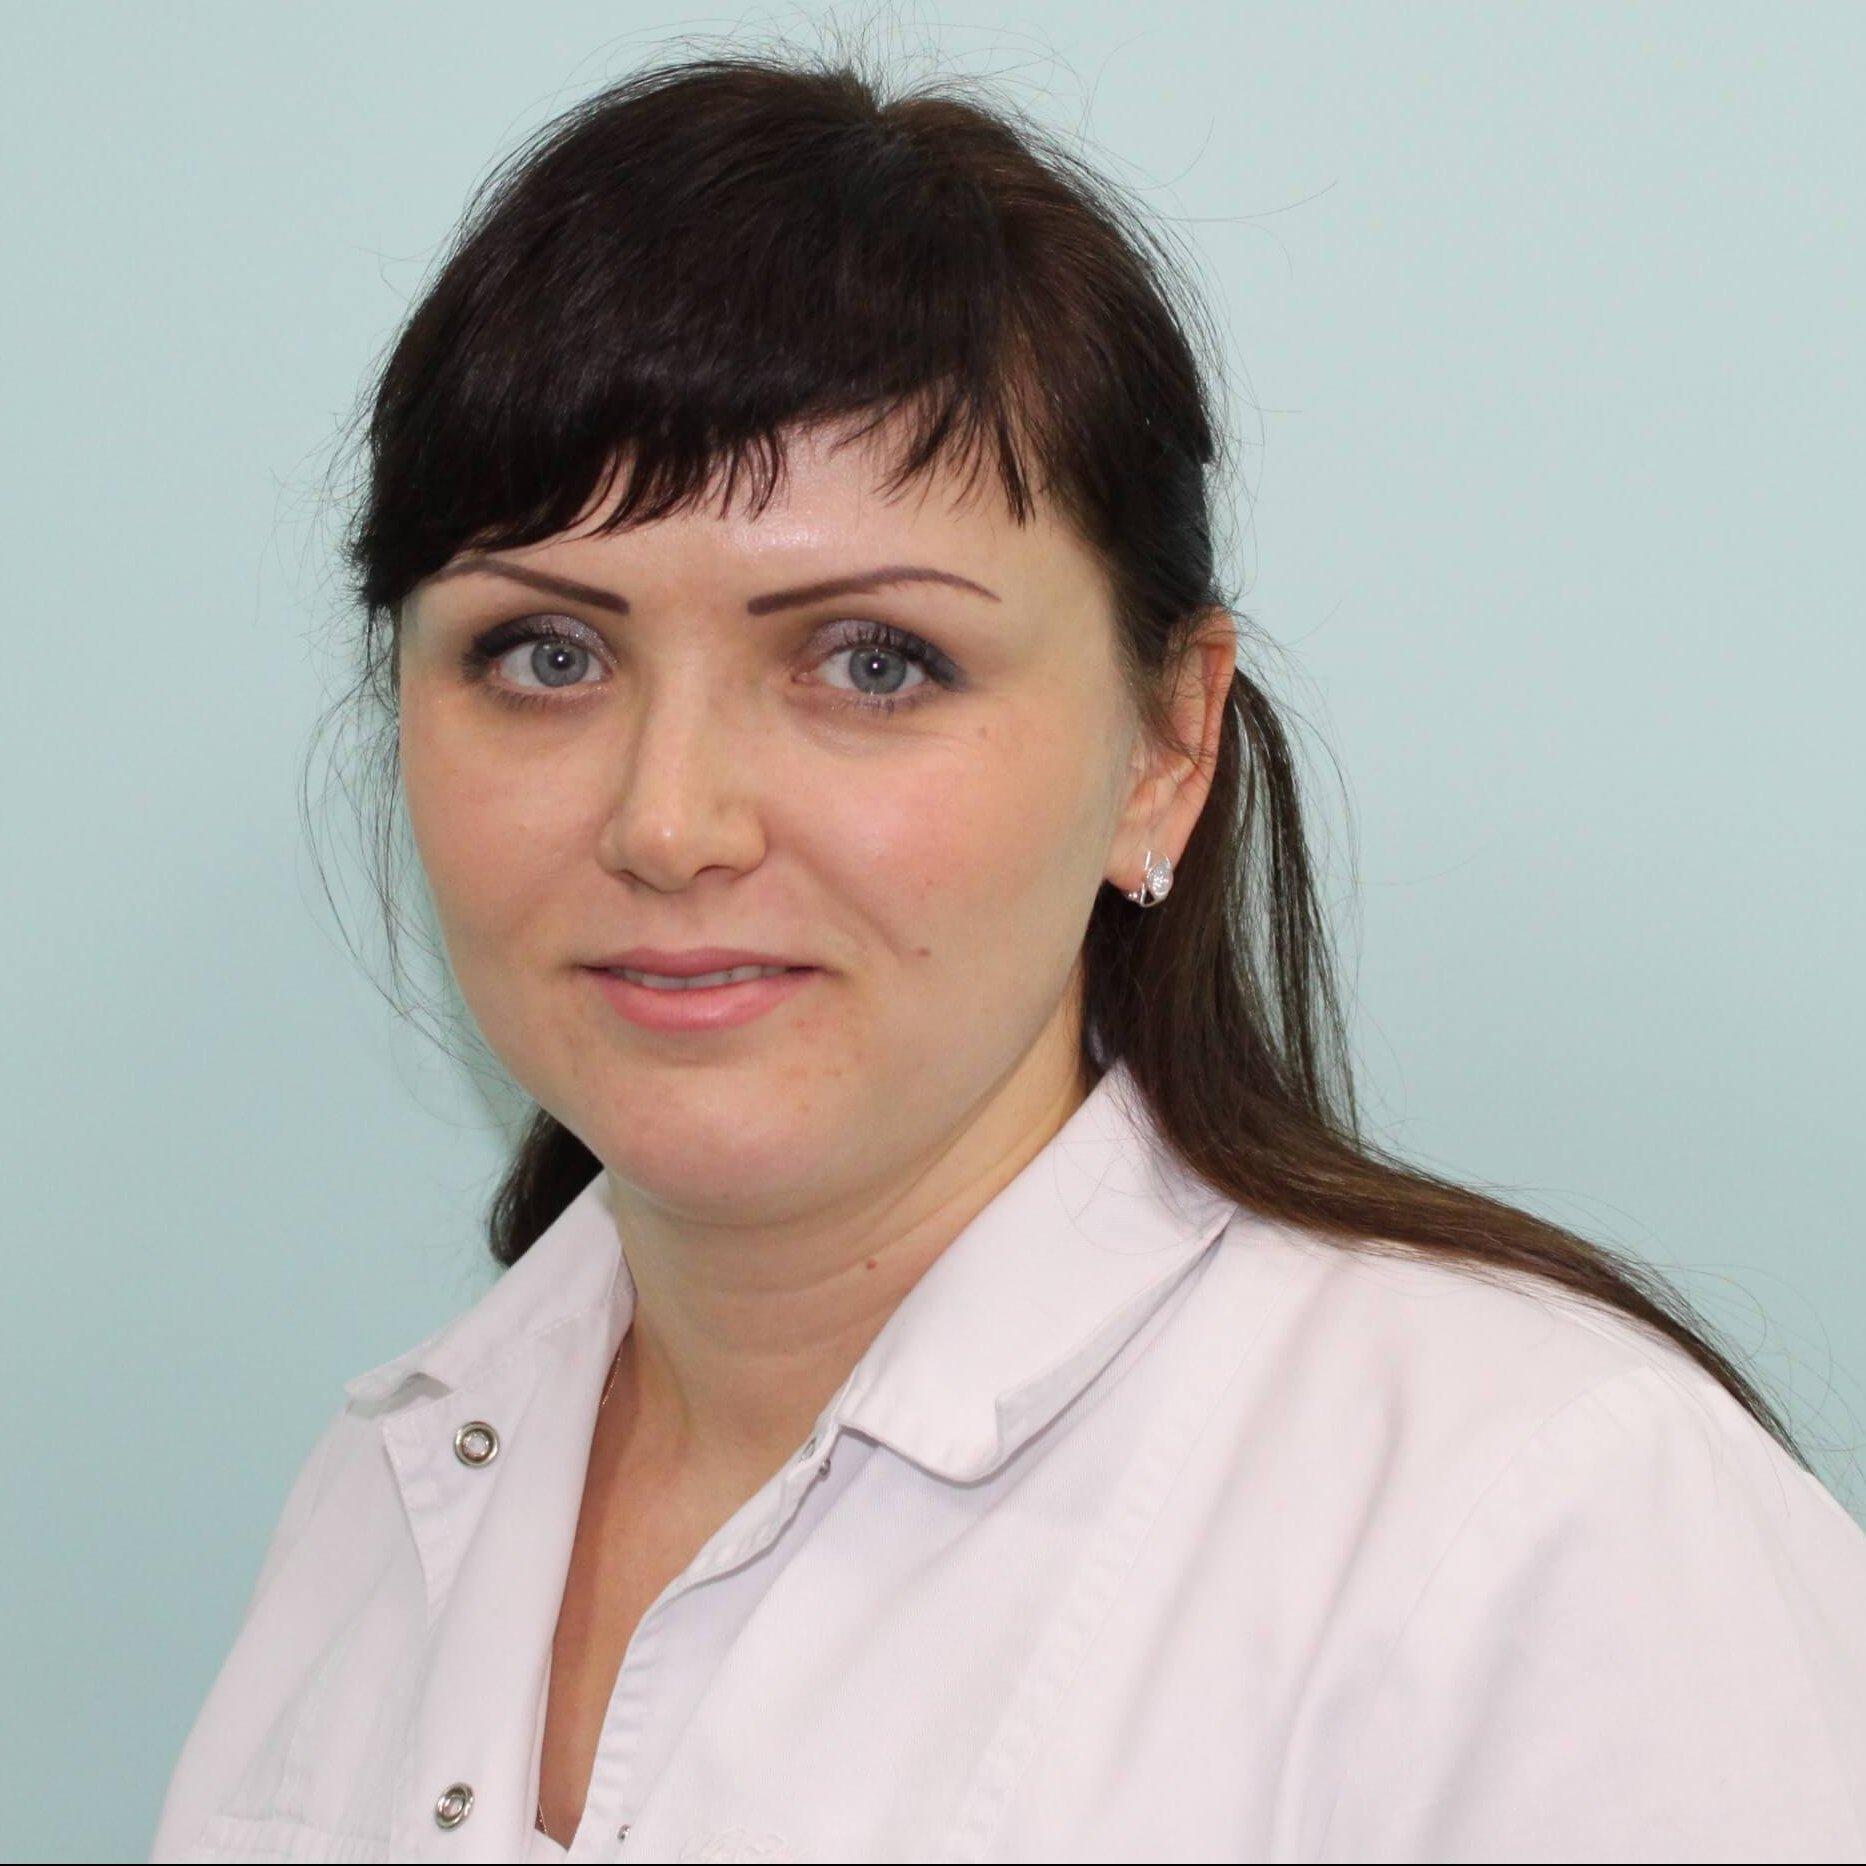 Сафронова Ирина Михайловна, врач УЗИ